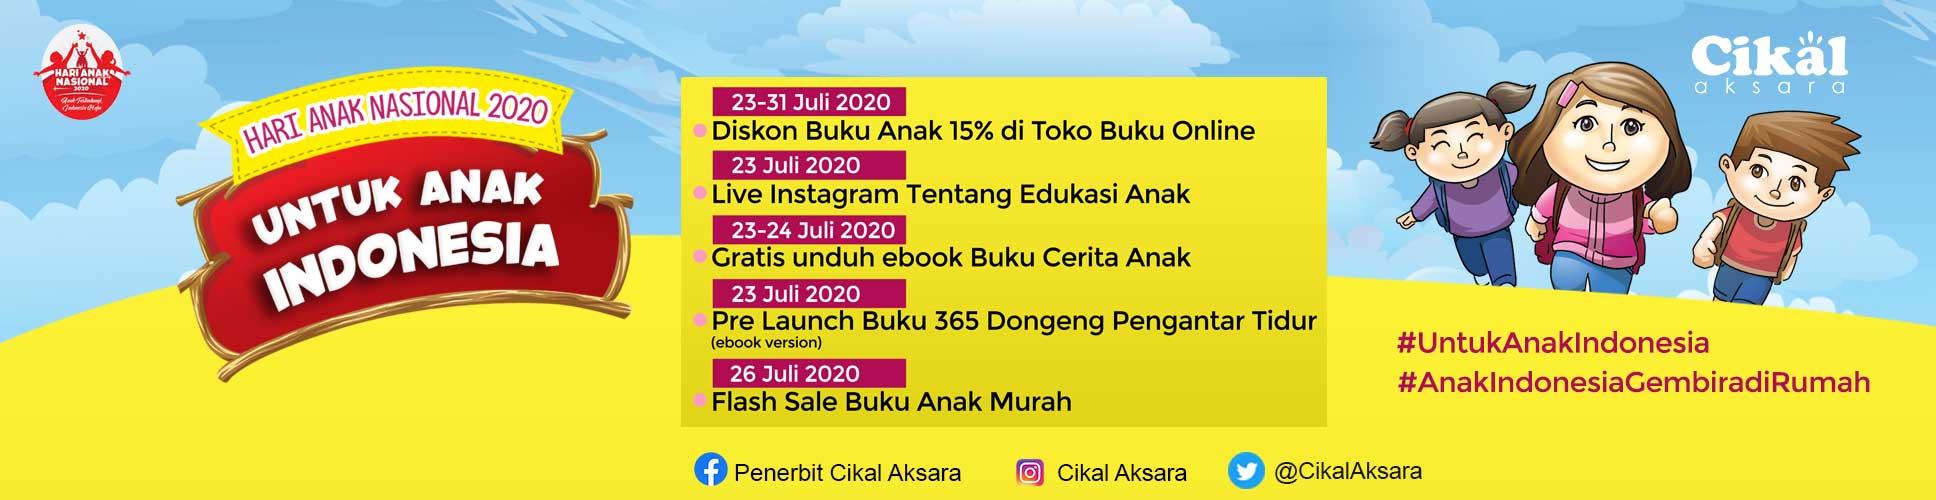 hari anak nasional 2020 cikal aksara